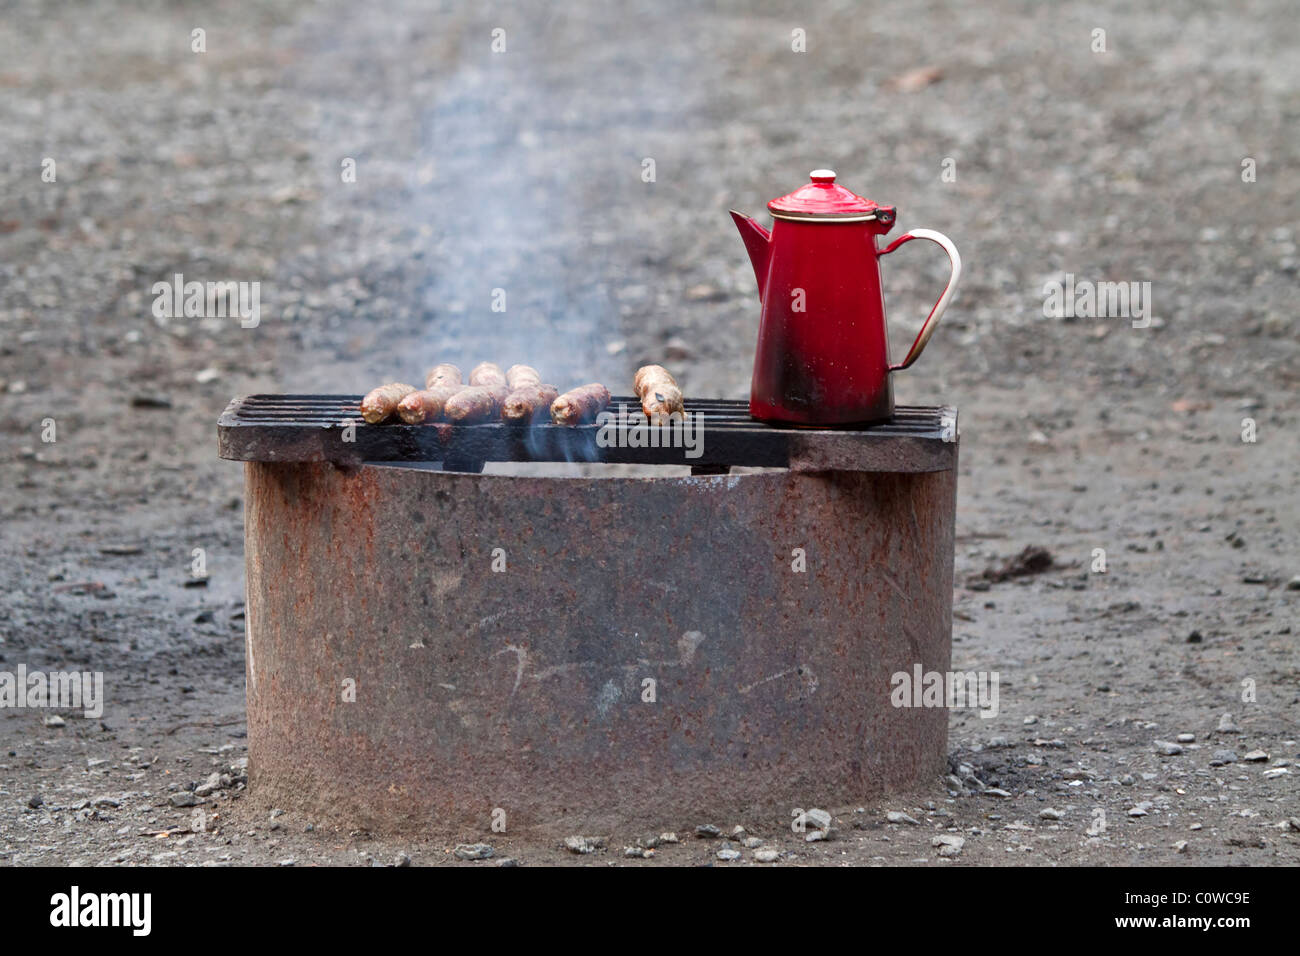 Coffee Pot Percolator Stock Photos & Coffee Pot Percolator